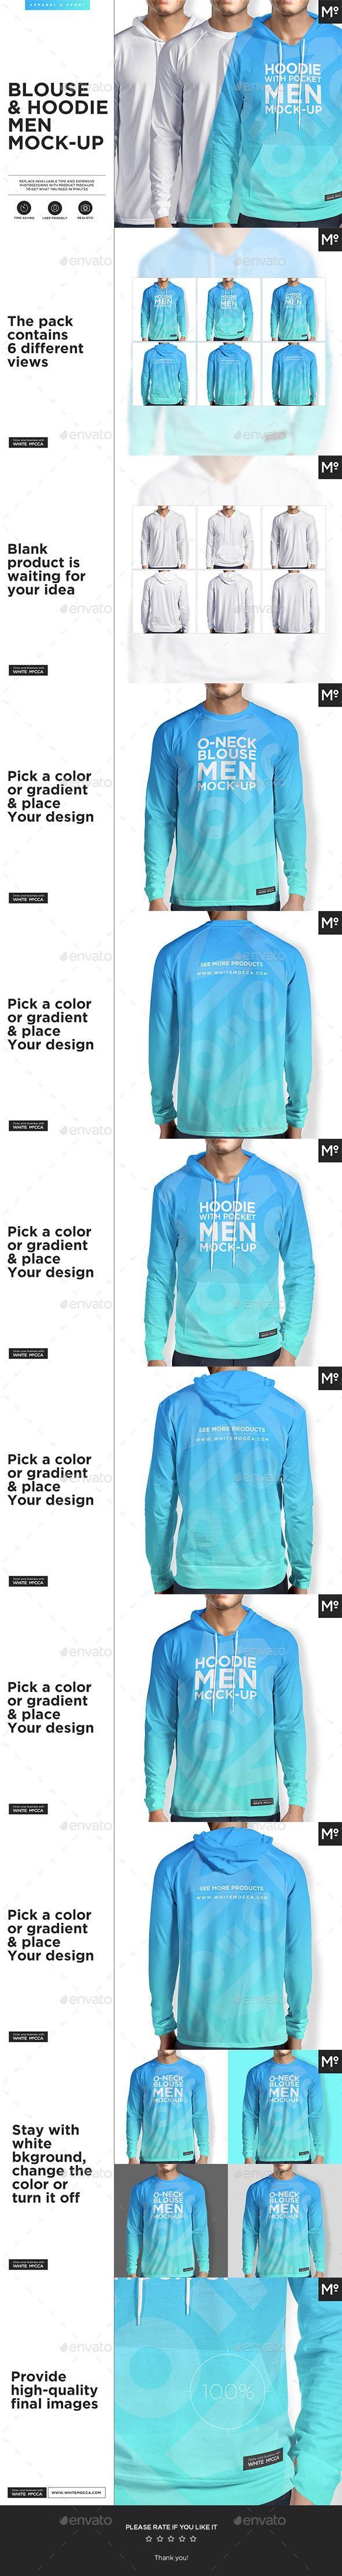 Download 2 Types Of Hoodie Blouse Mock Up Clothing Mockup Hoodie Mockup Shirt Mockup